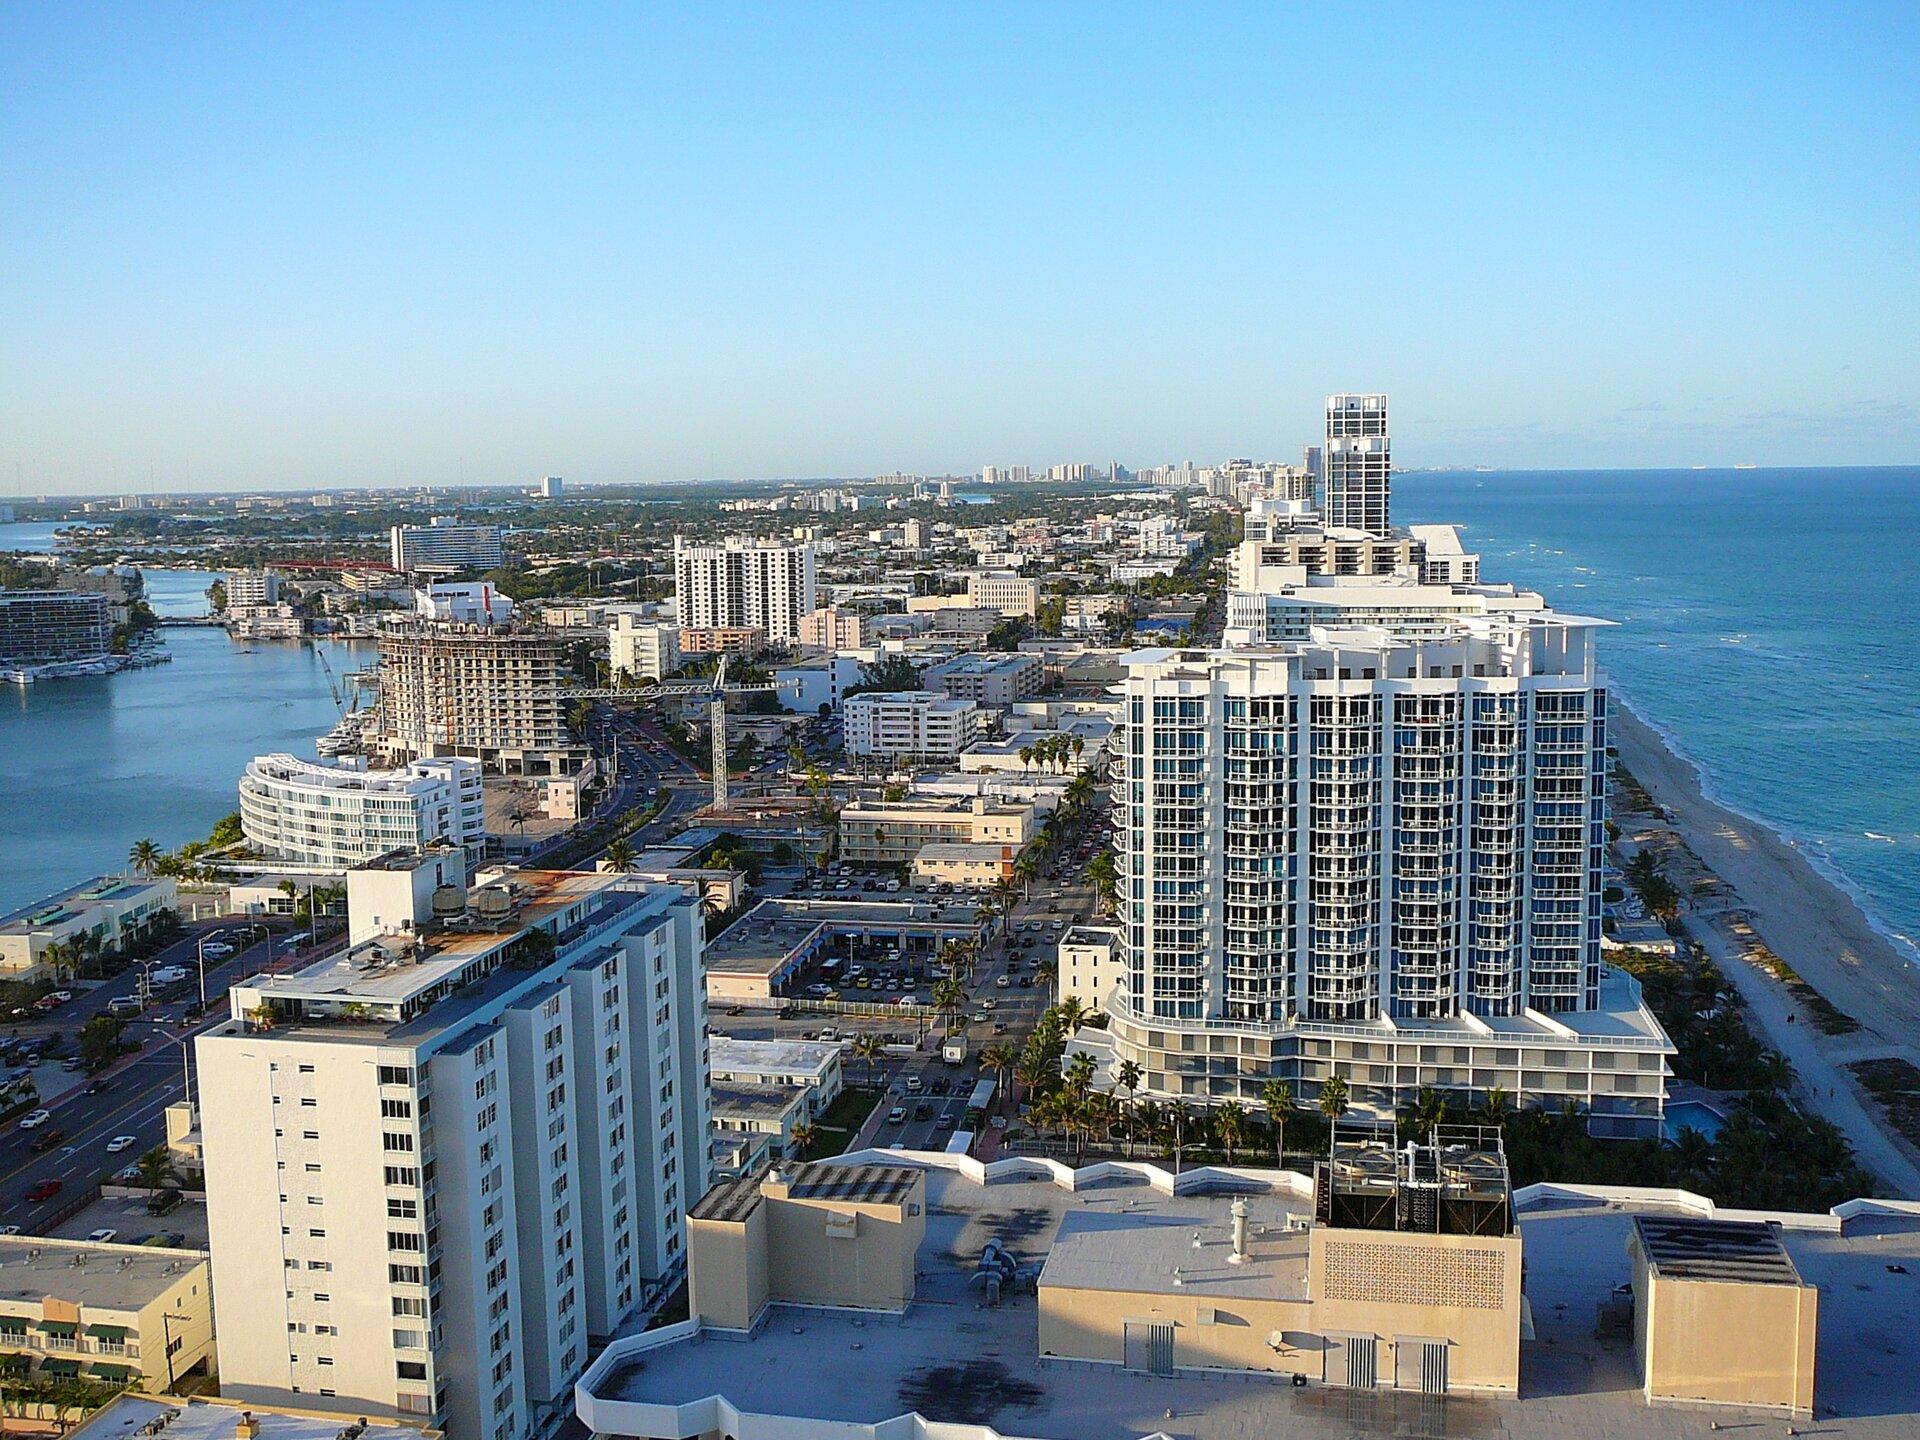 Na zdjęciu nowoczesne miasto wwysoką iniską zabudową położone przy brzegu morza.